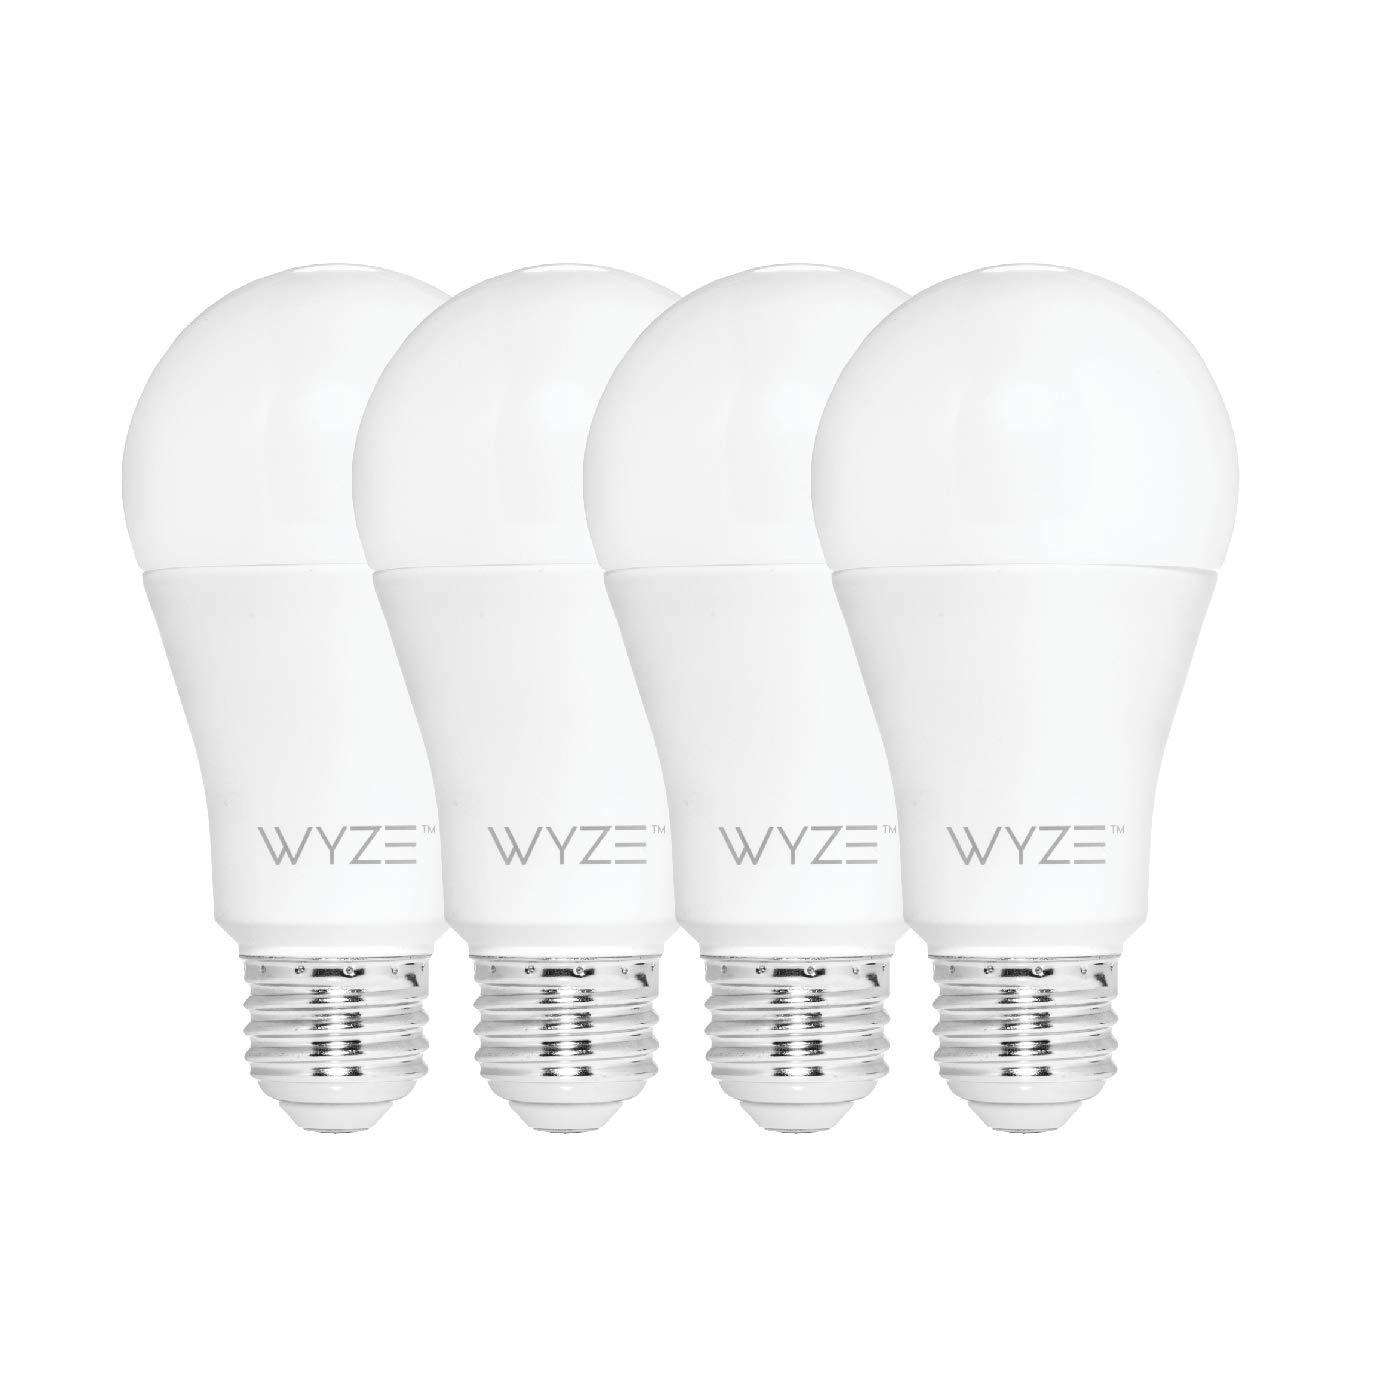 wyze-wifi-light-bulbs.jpg